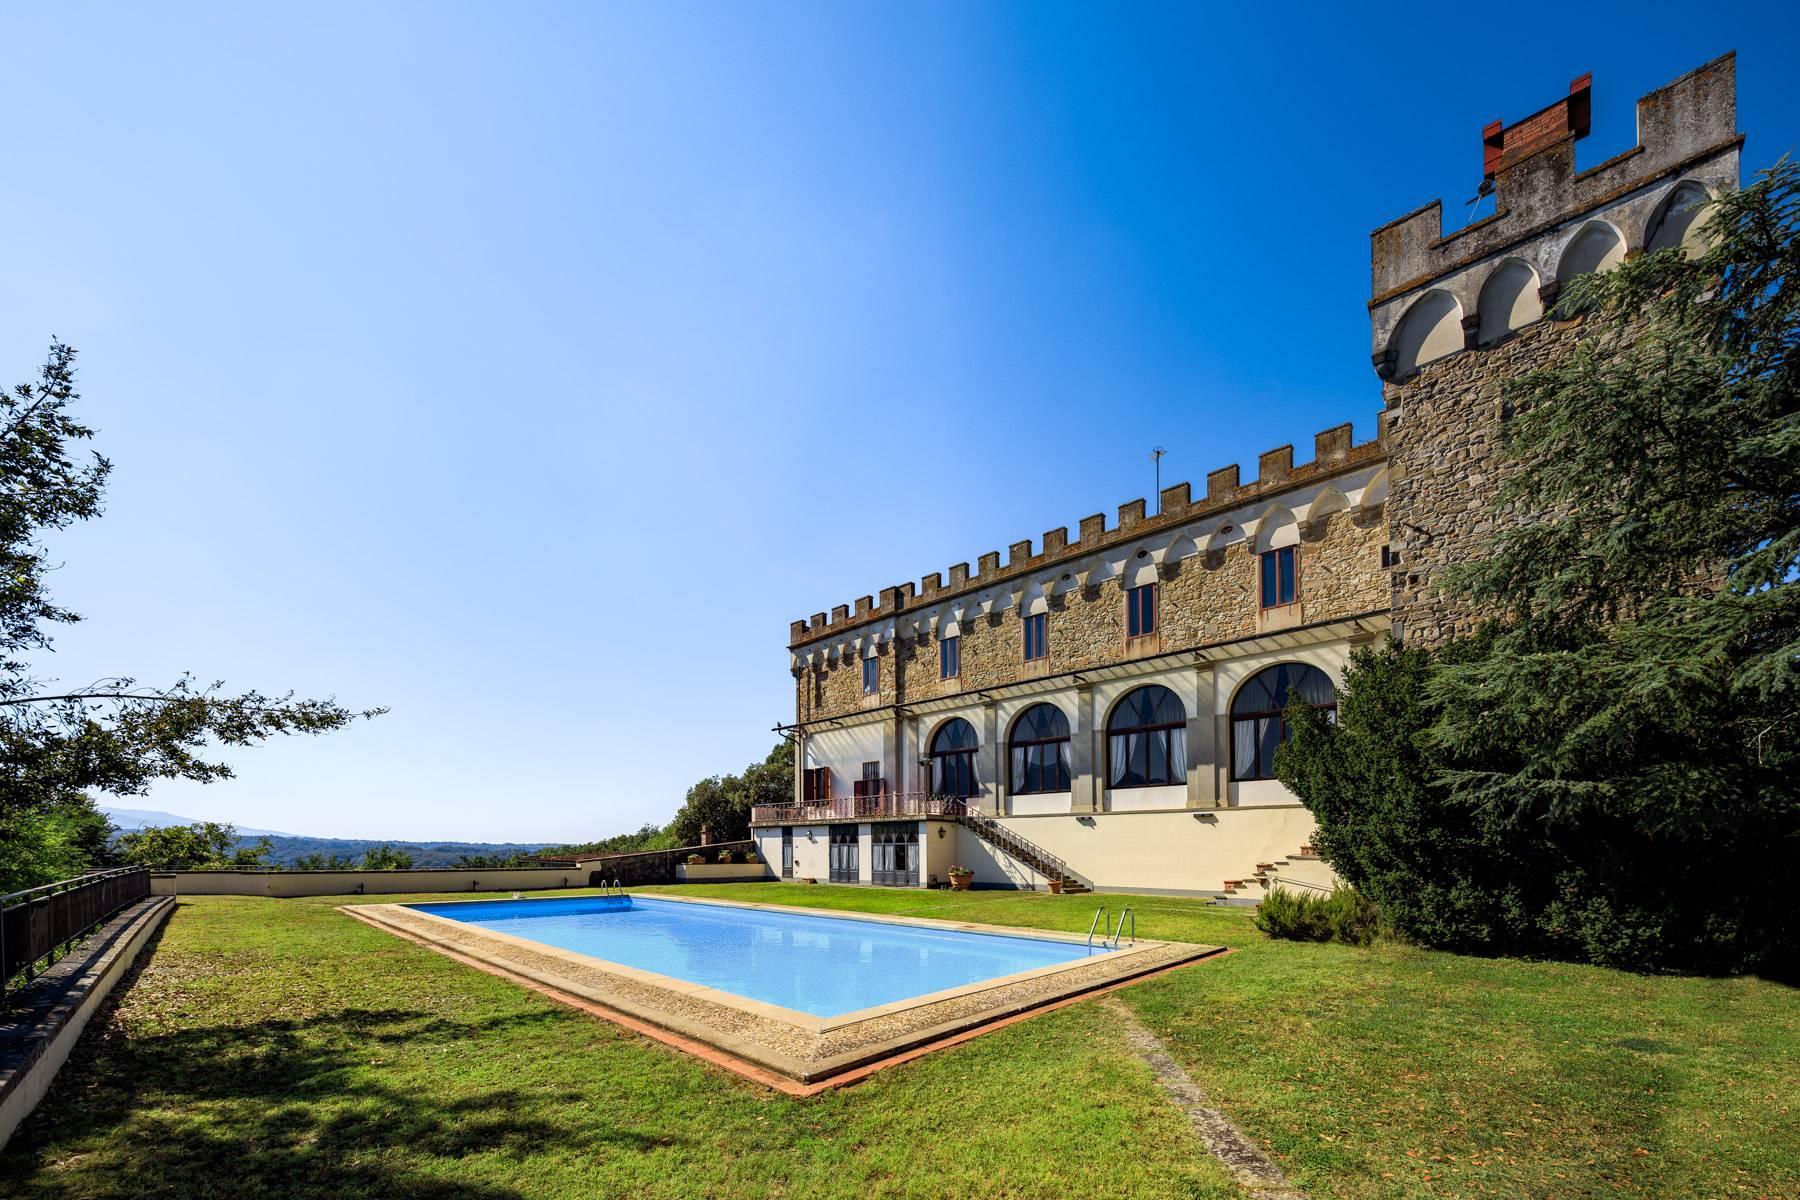 Château de prestige sur les collines florentines - 2